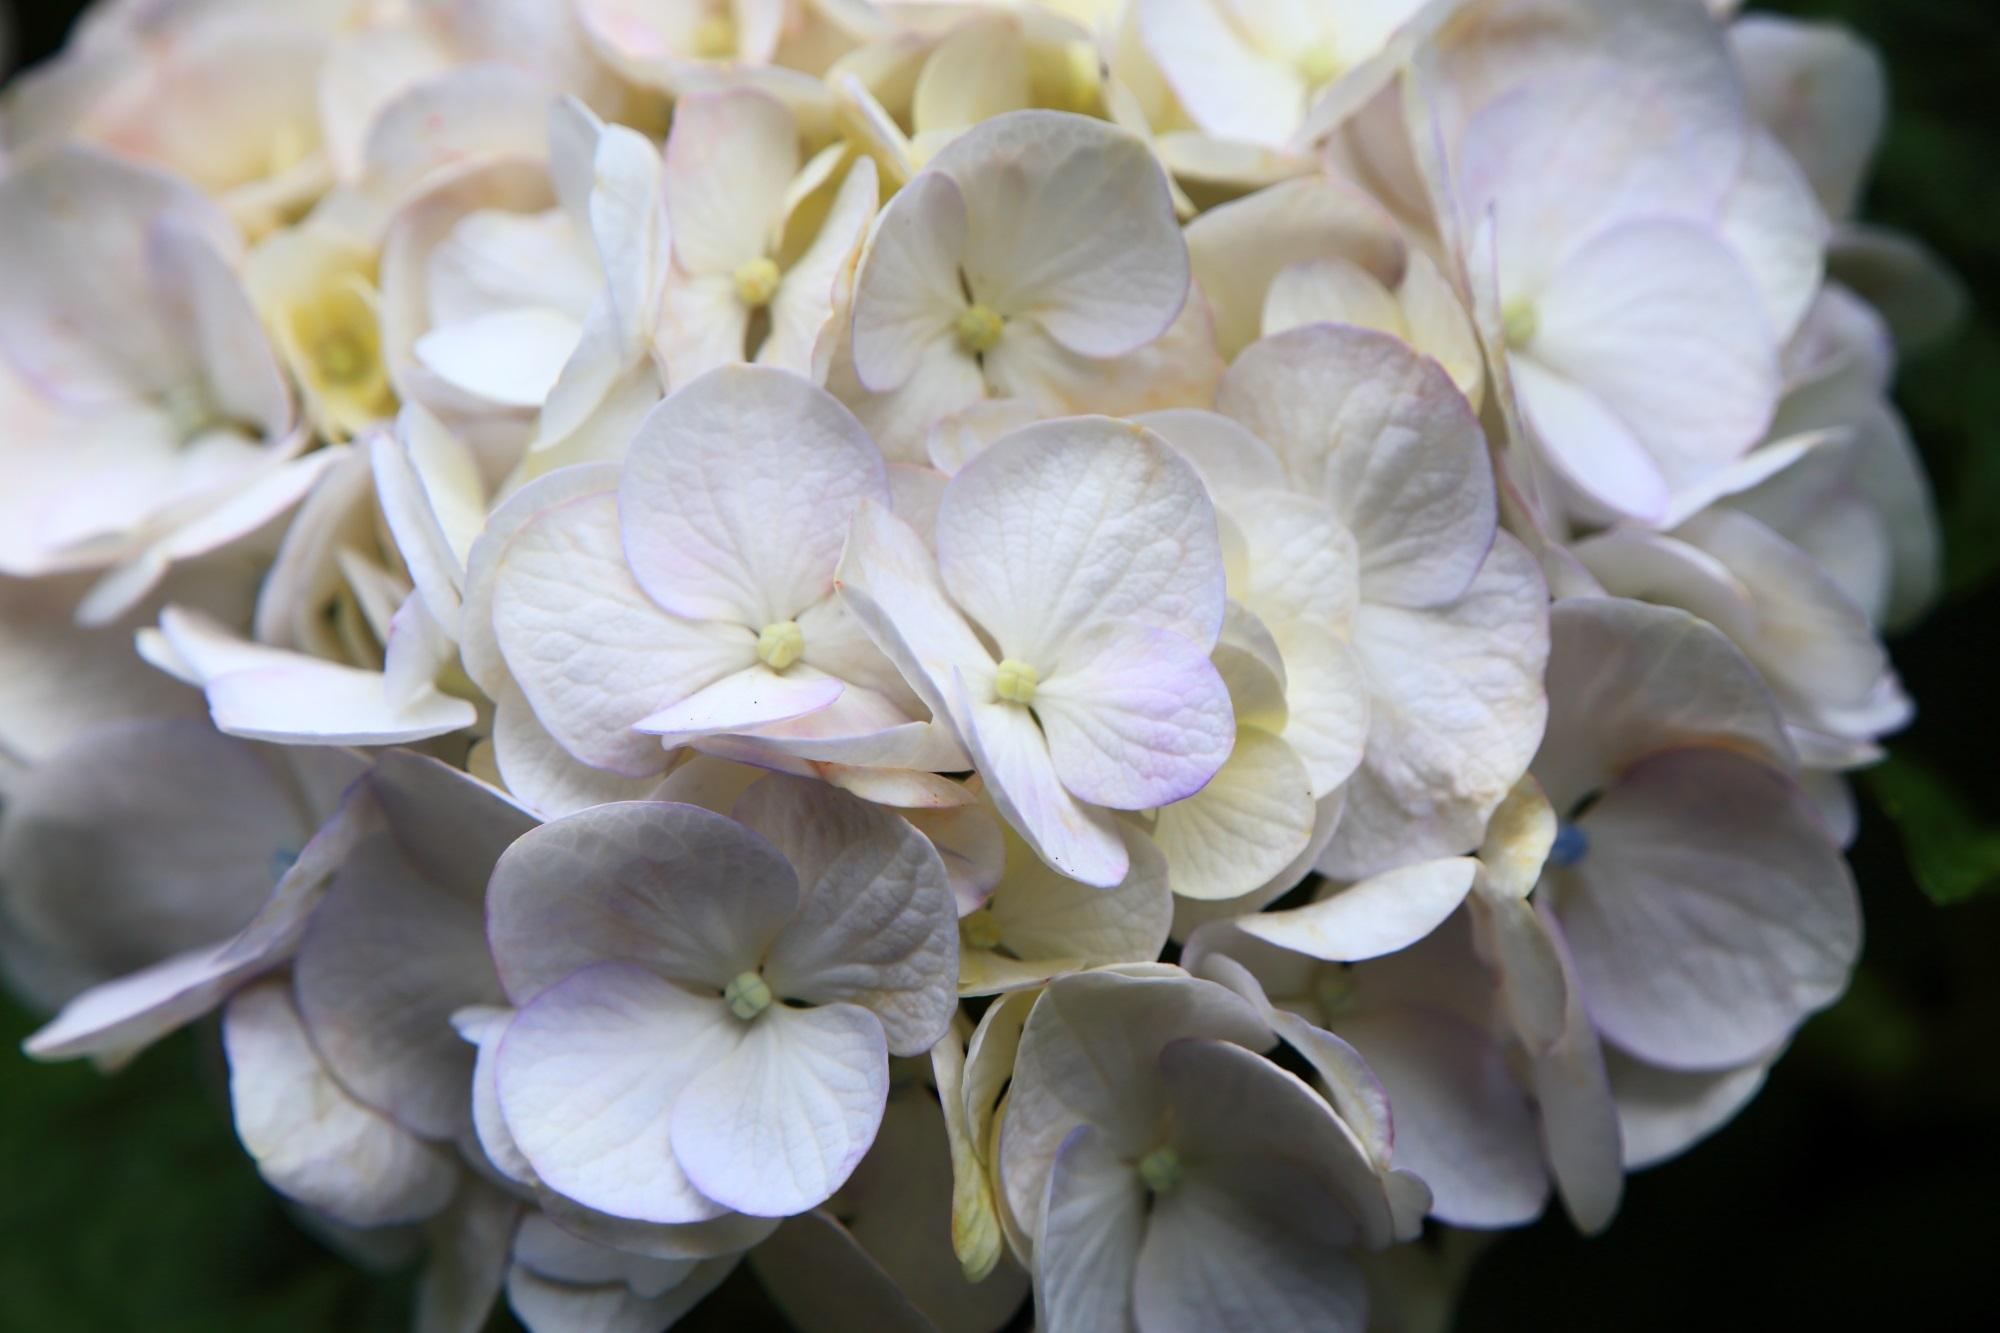 かすかに彩りが入った上品な白い紫陽花